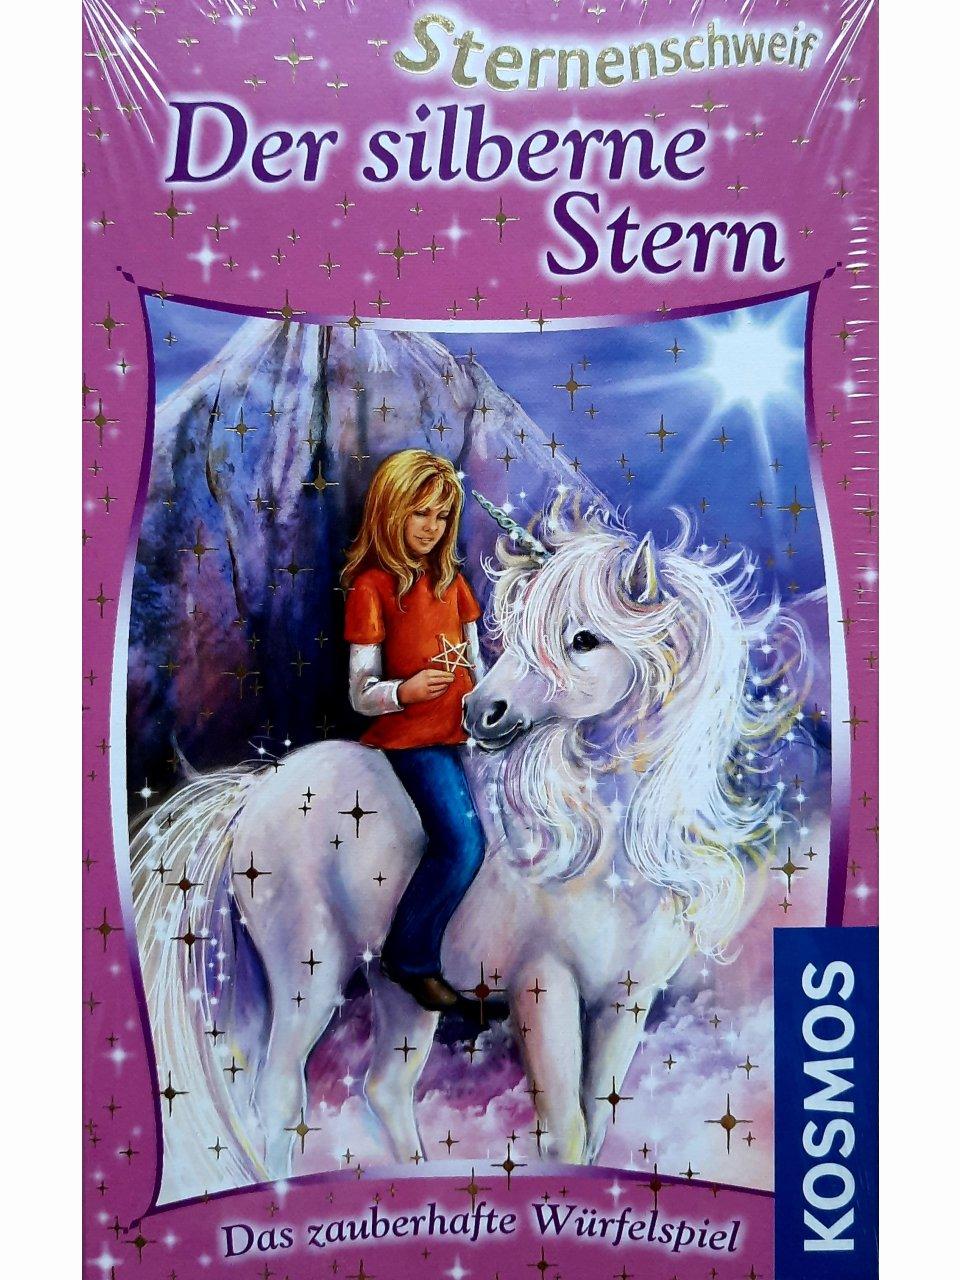 Sternenschweif - Der silberne Stern (Kinderspiel)